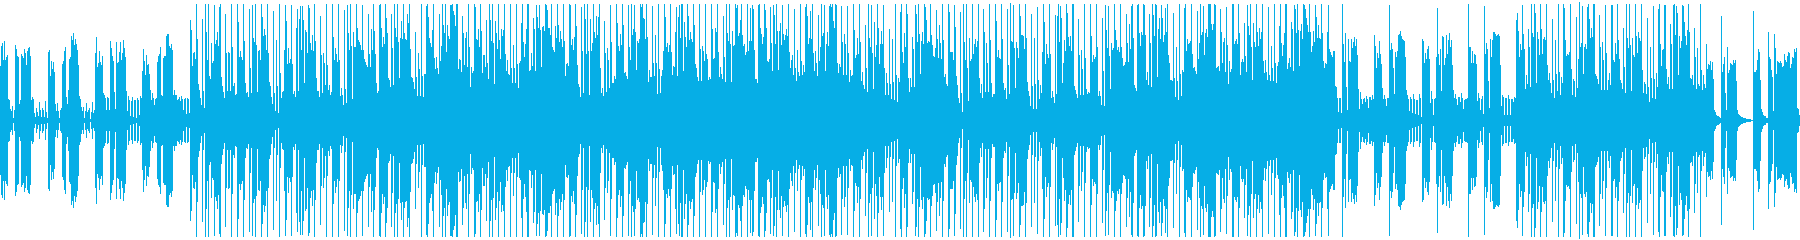 80's王道ハードロック風ギターリフの再生済みの波形